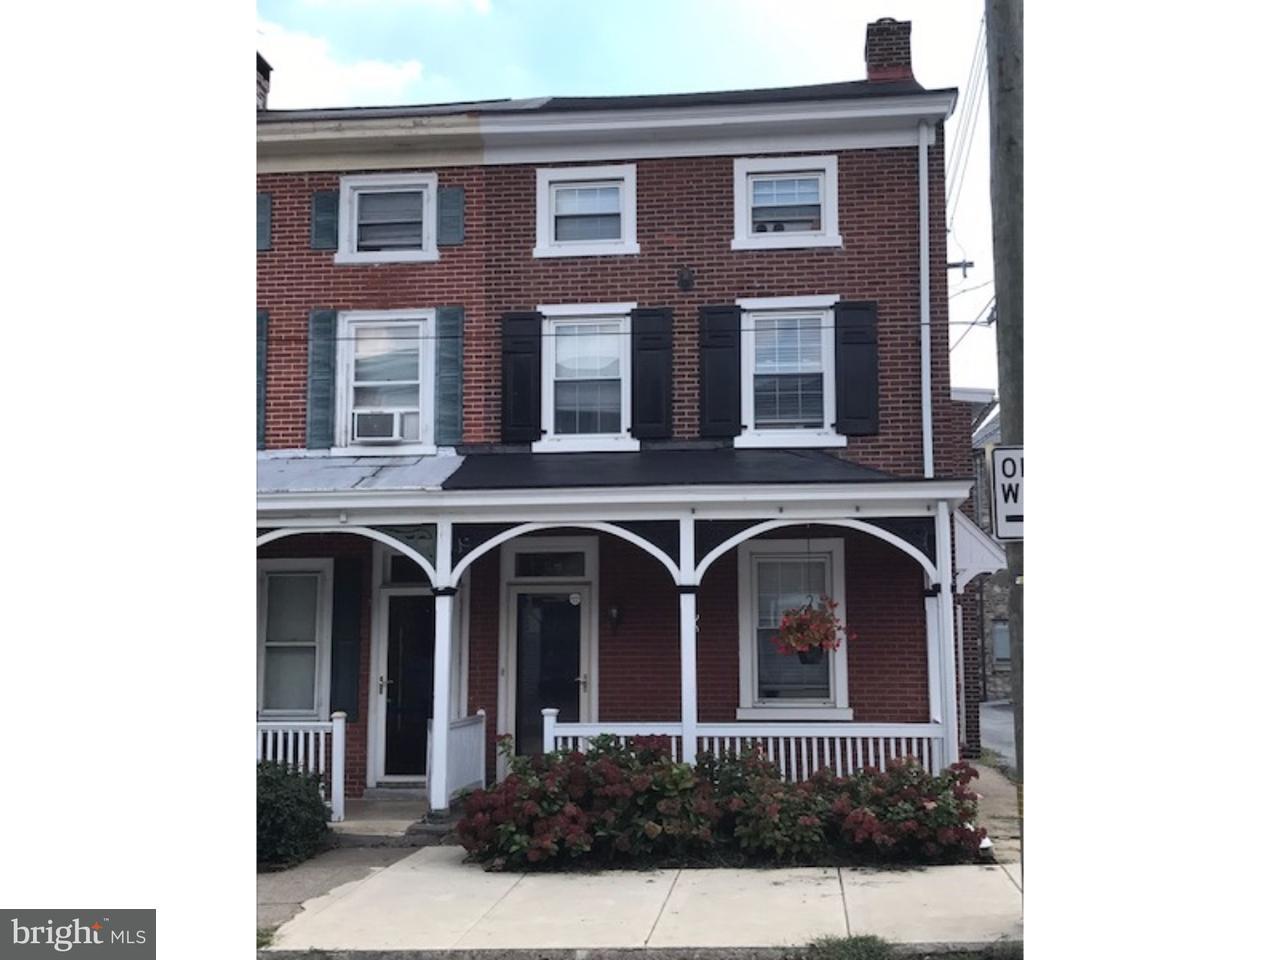 Casa unifamiliar adosada (Townhouse) por un Alquiler en 28 E MINER Street West Chester, Pennsylvania 19382 Estados Unidos